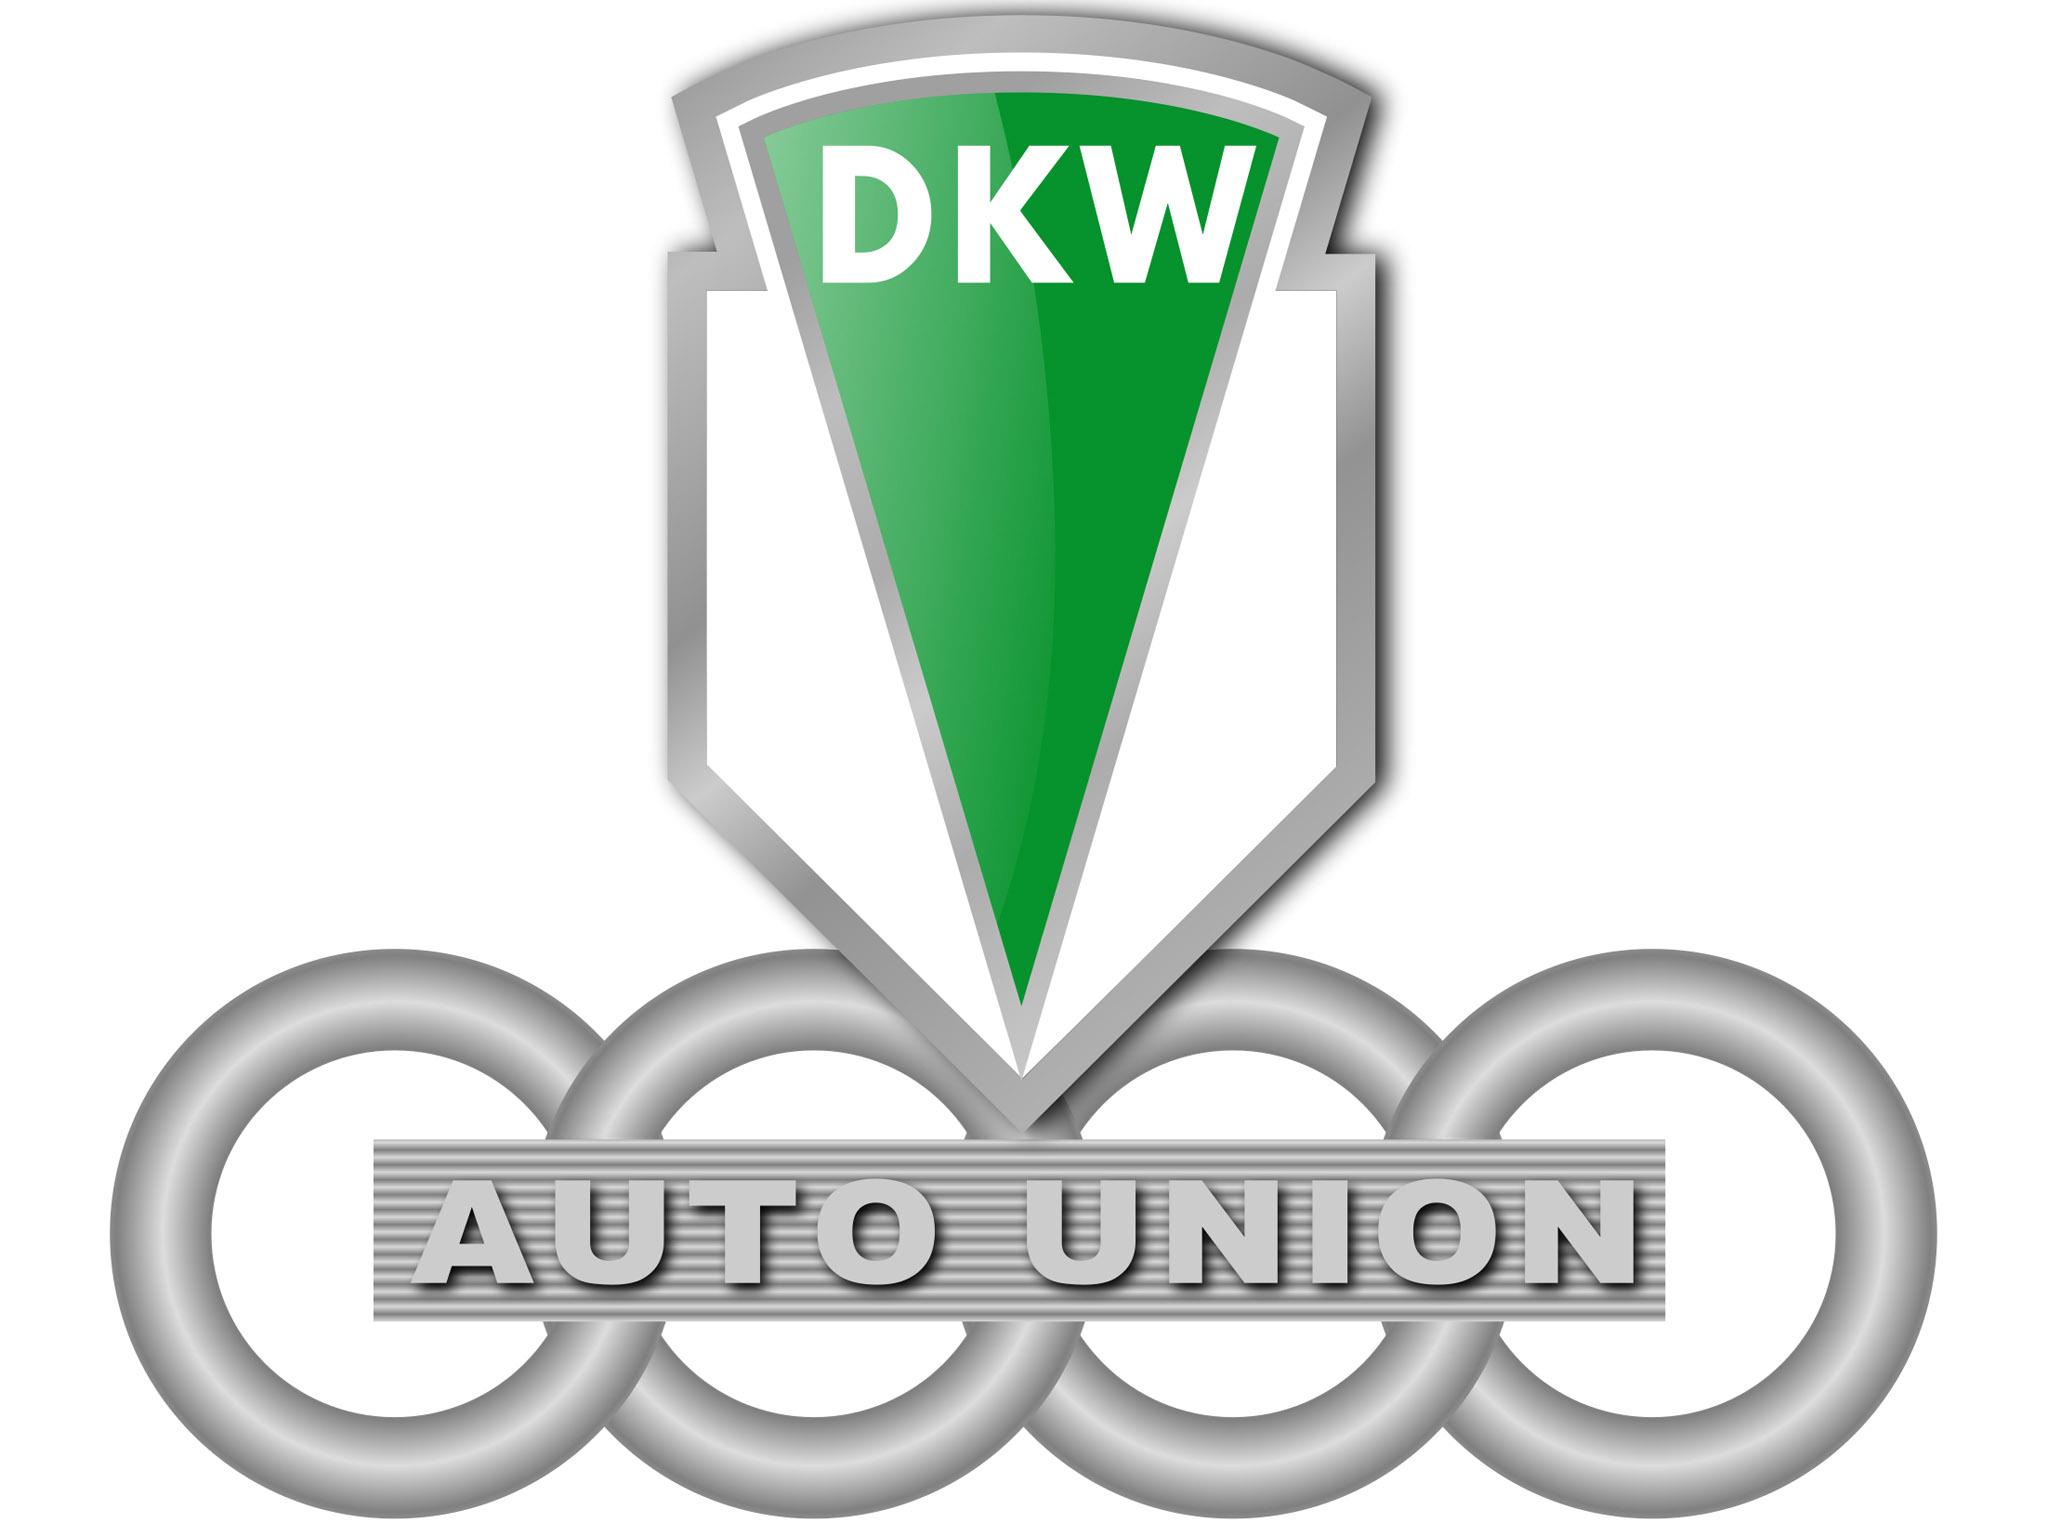 DKW logo wallpapers HD